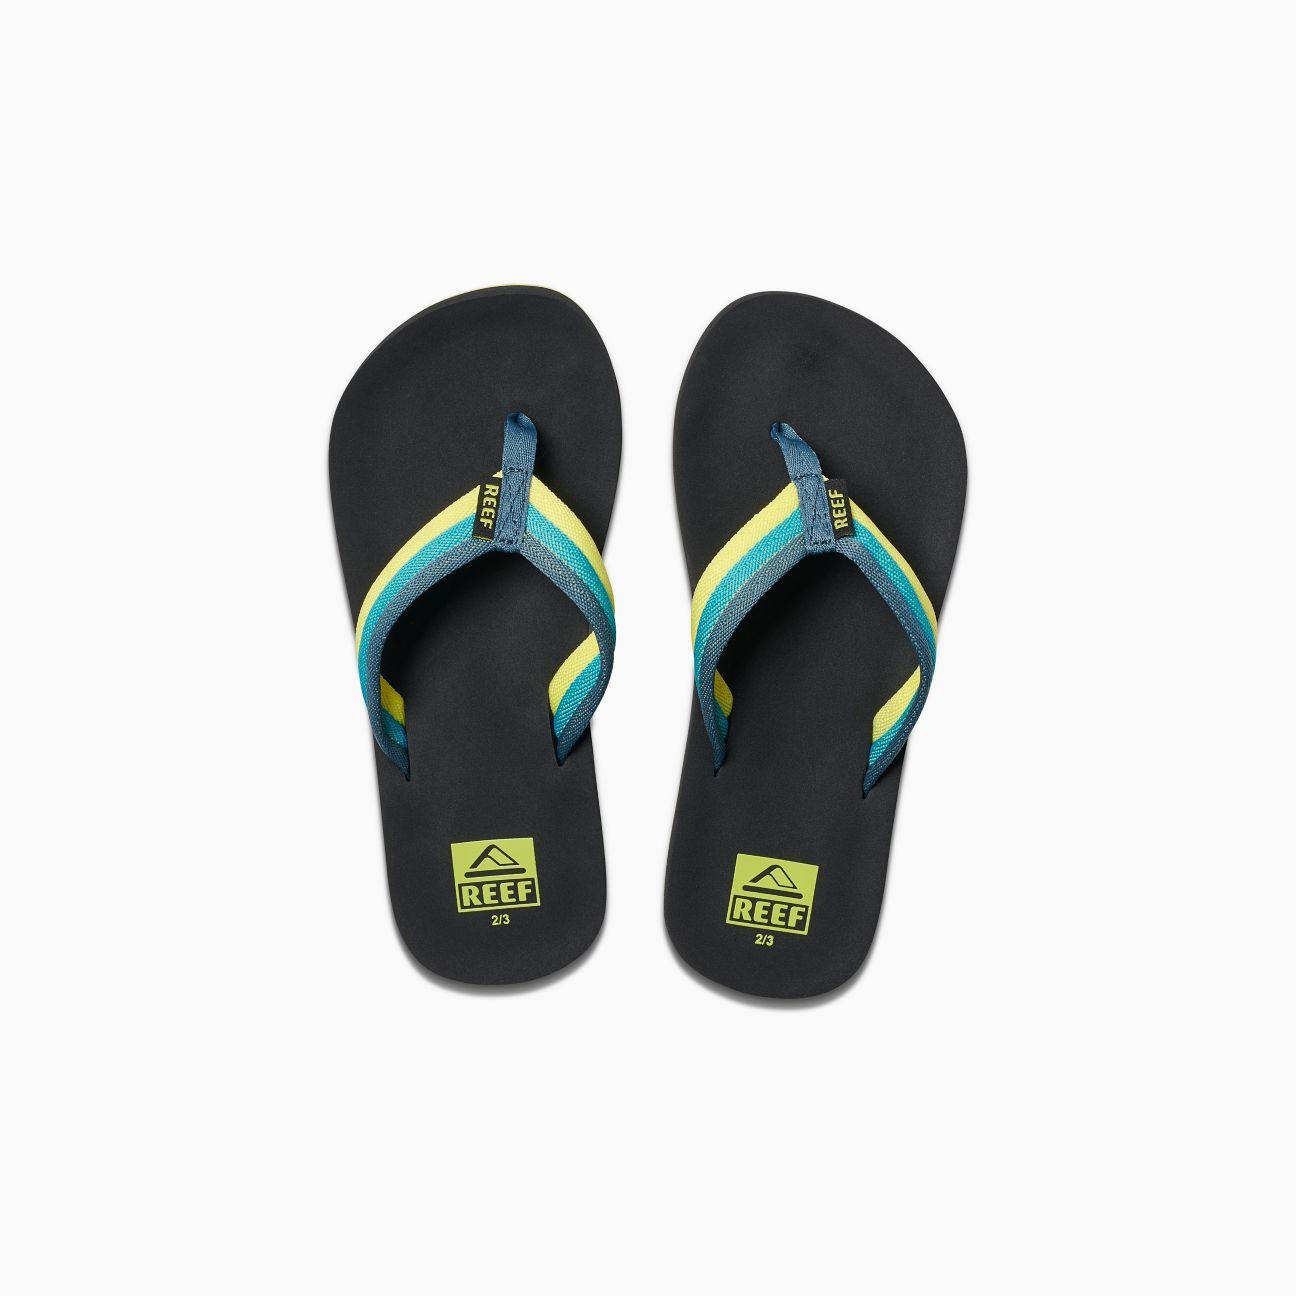 ebeebd1d557a Reef Kid s Ahi Beach Sandal Blue Green